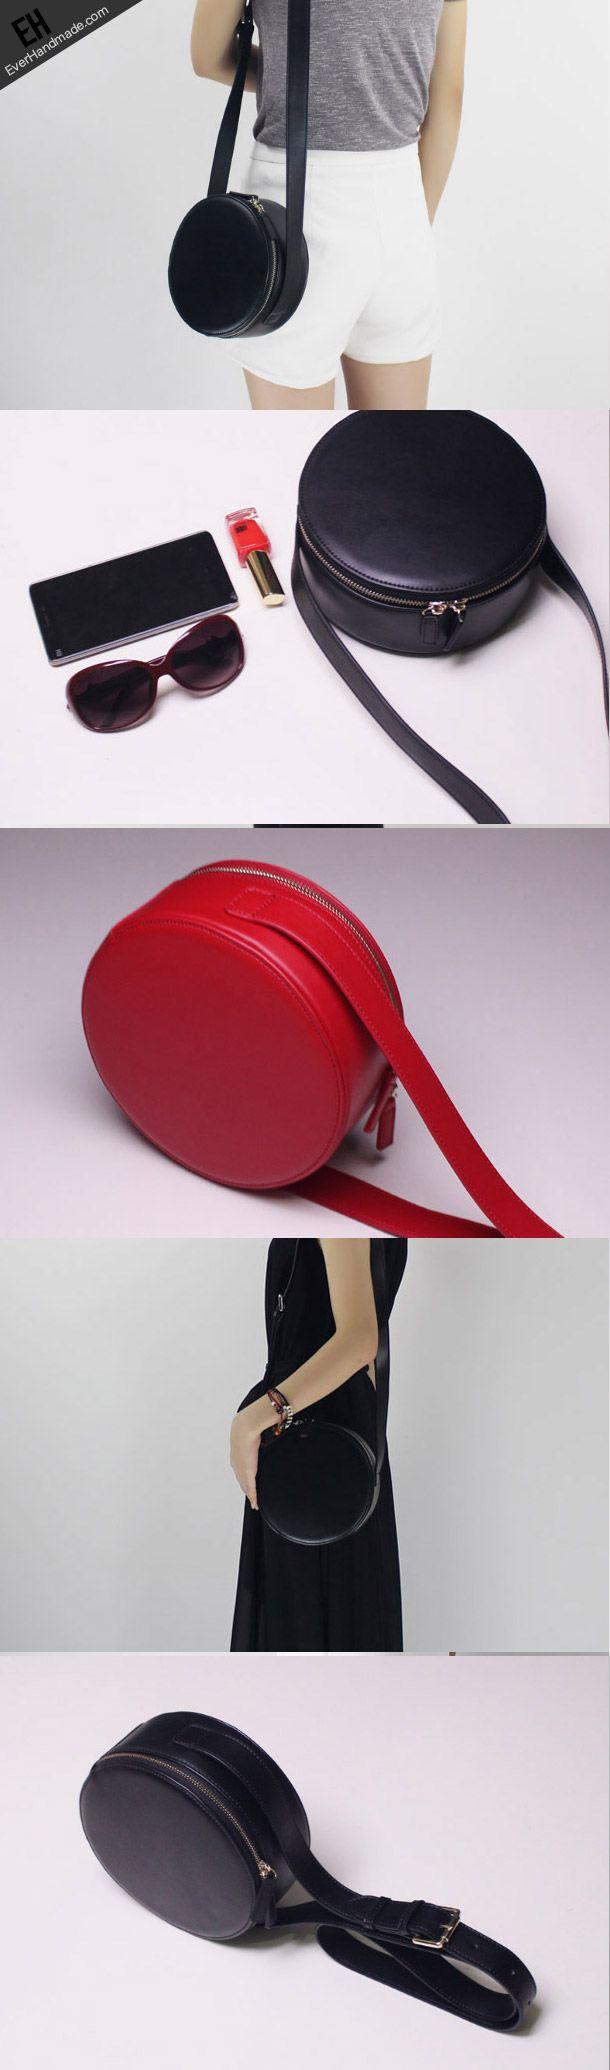 Genuine Leather round bag shoulder bag black for women leather crossbody bag